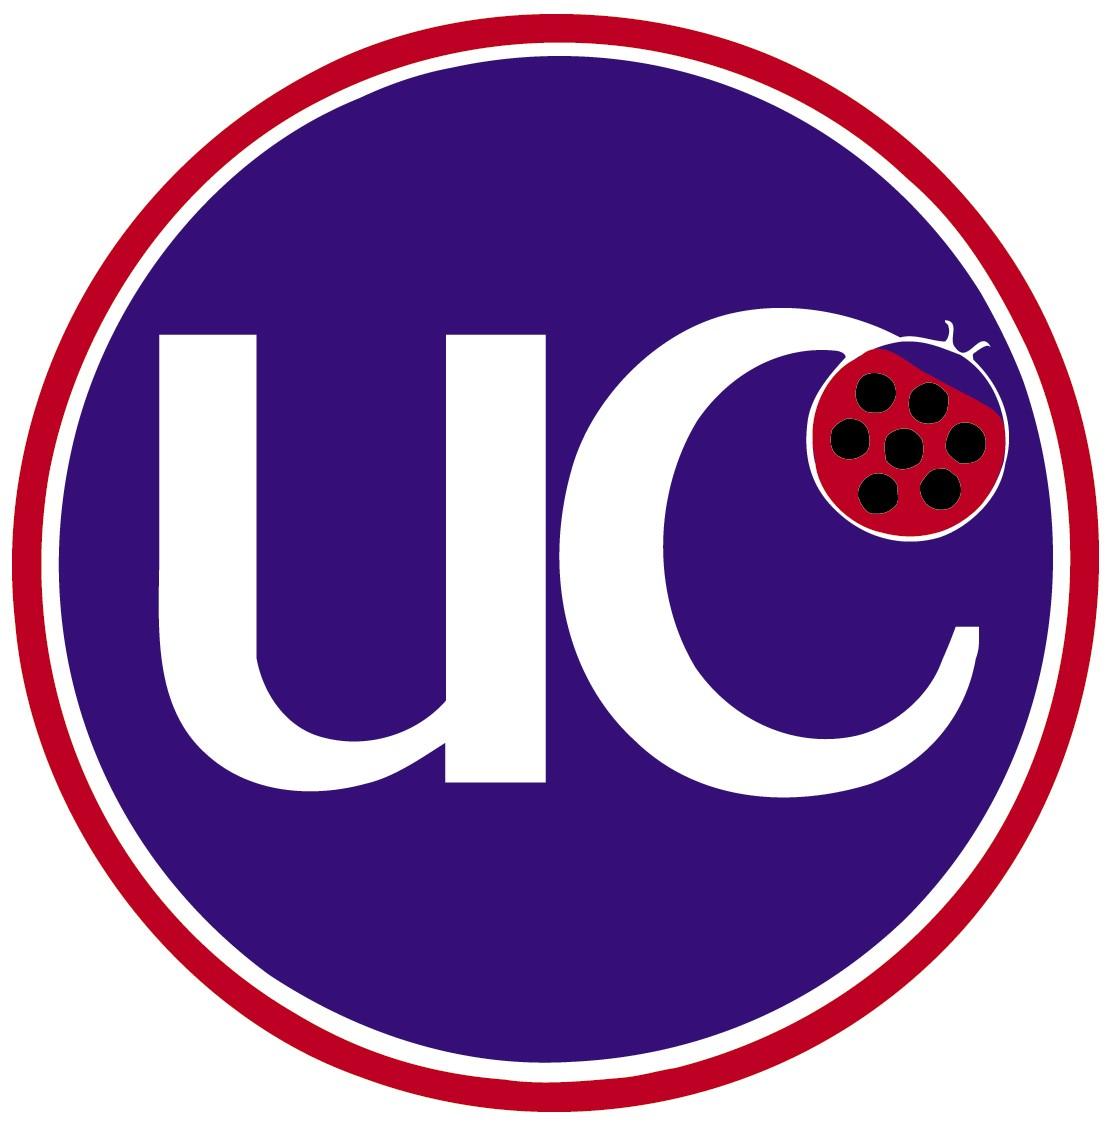 UCのロゴマーク